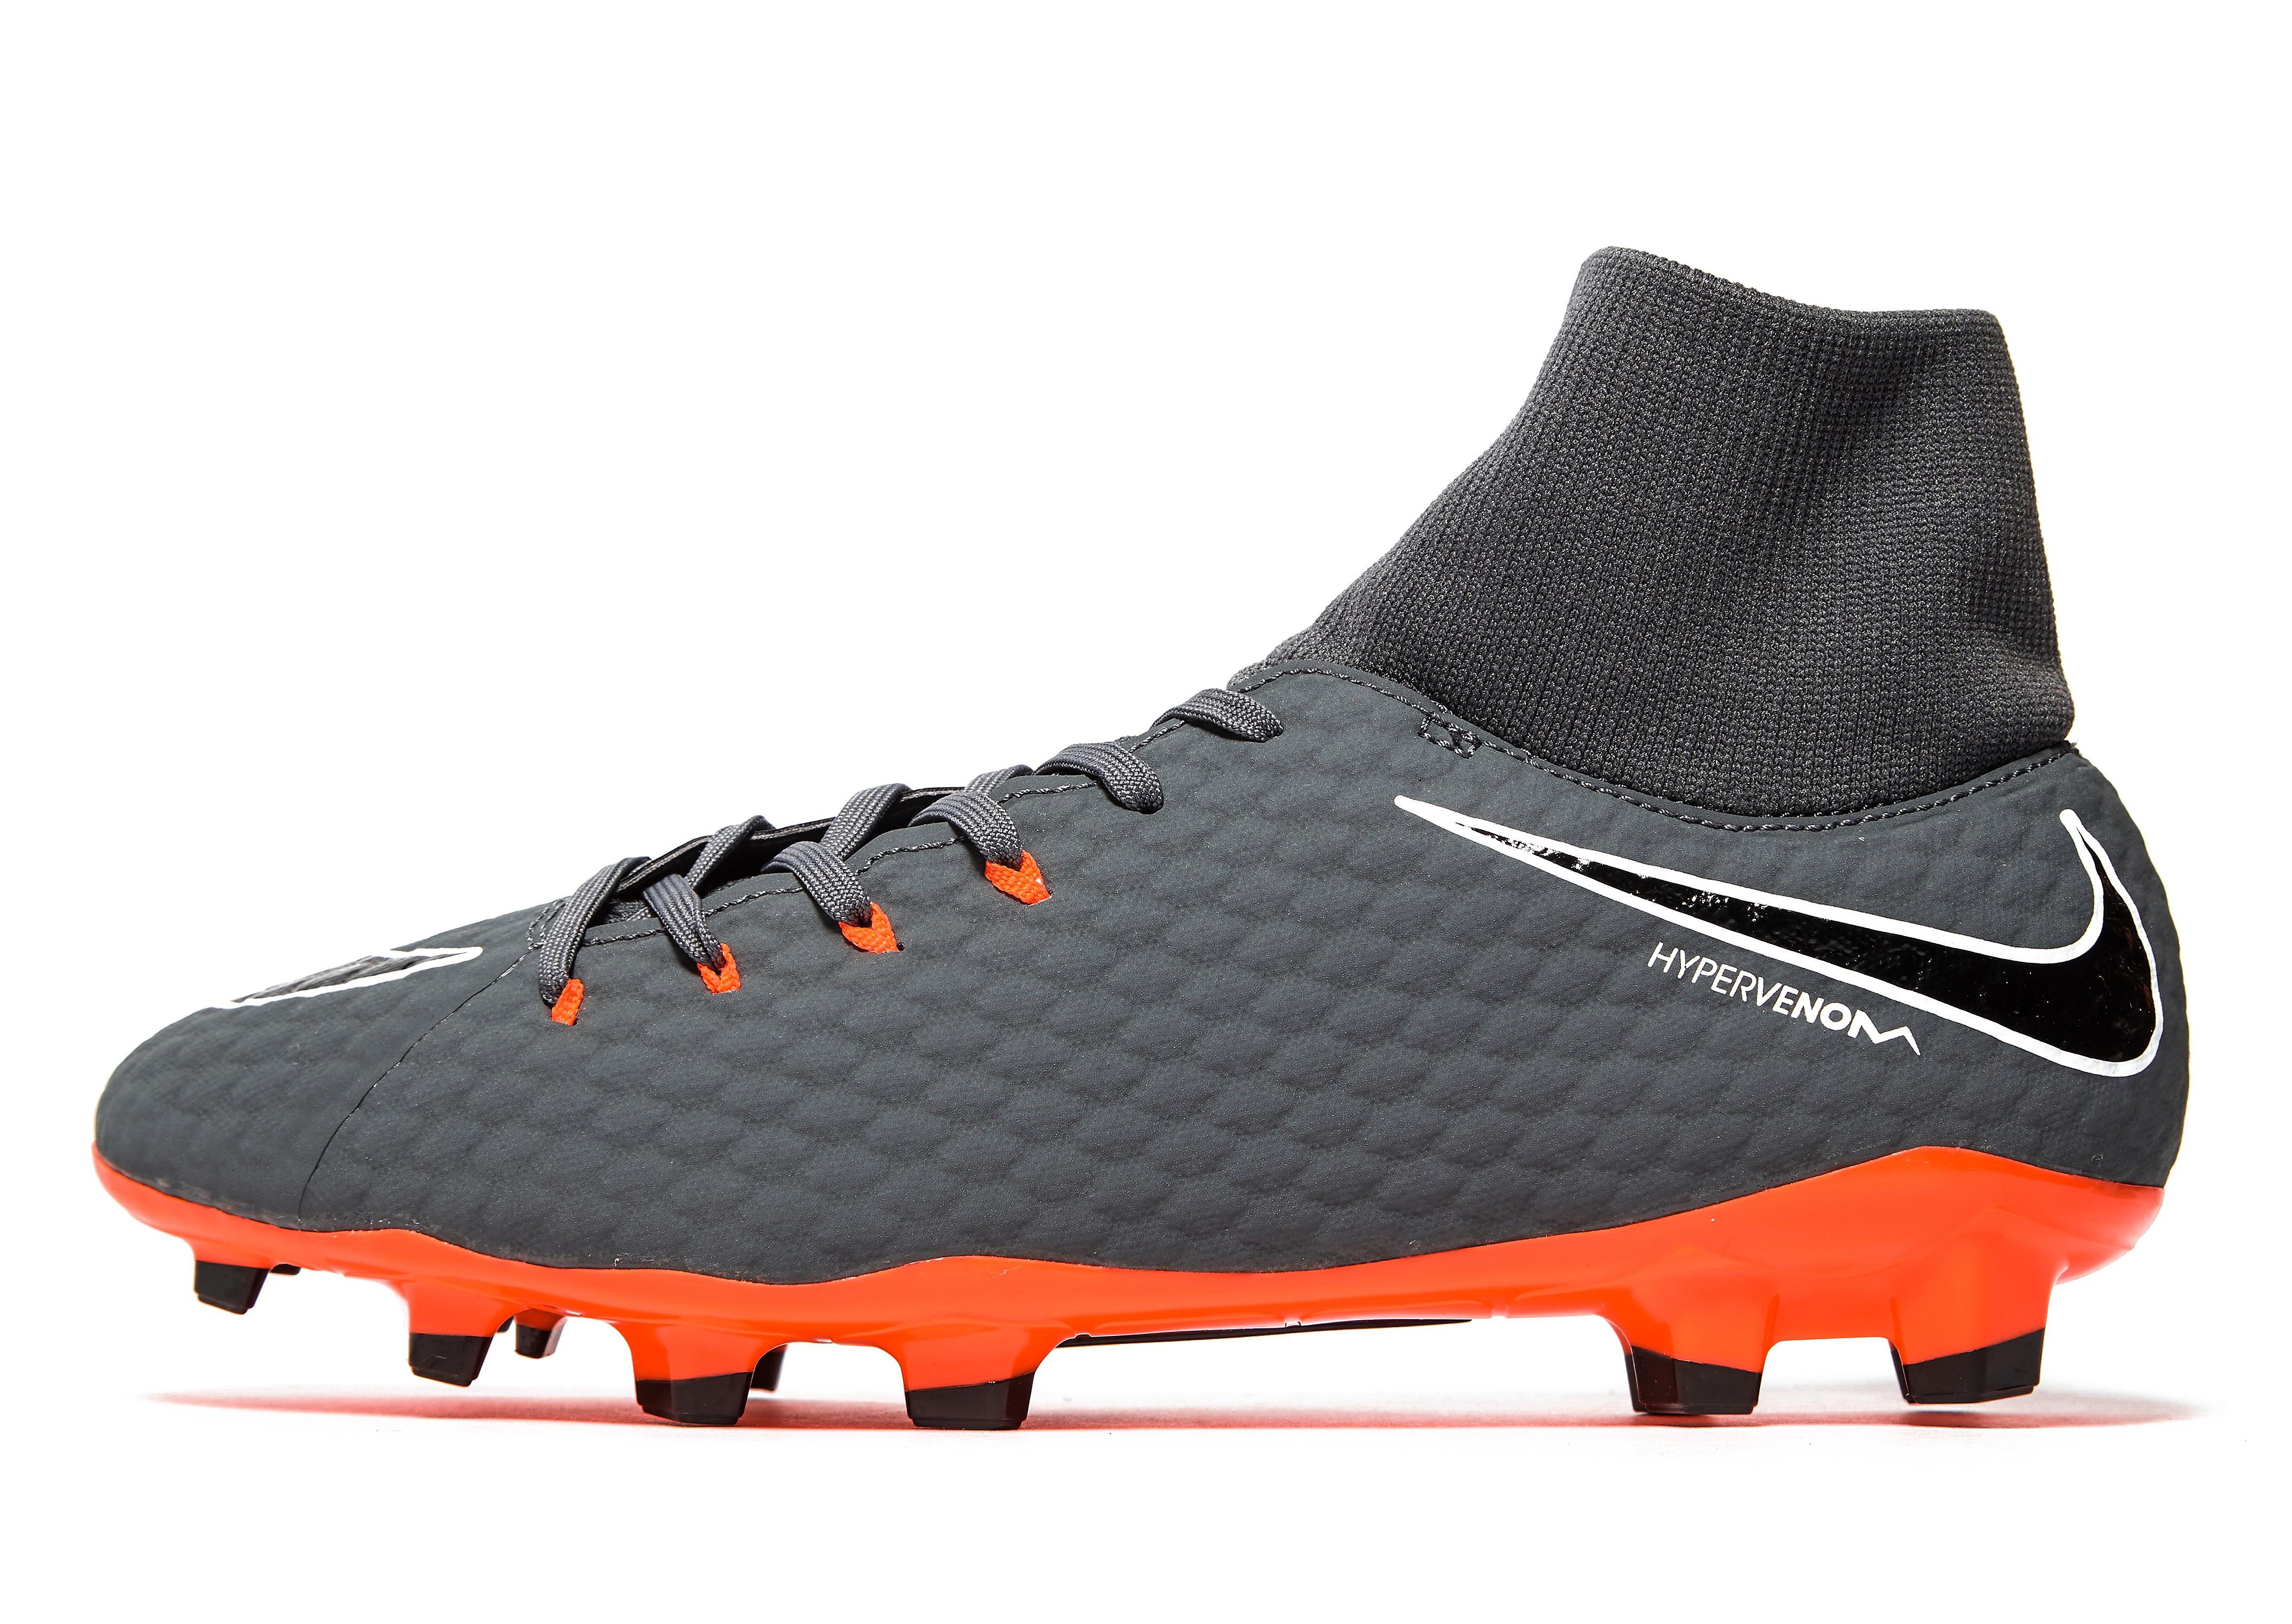 Nike Fast AF Hypervenom Academy Dynamic Fit FG